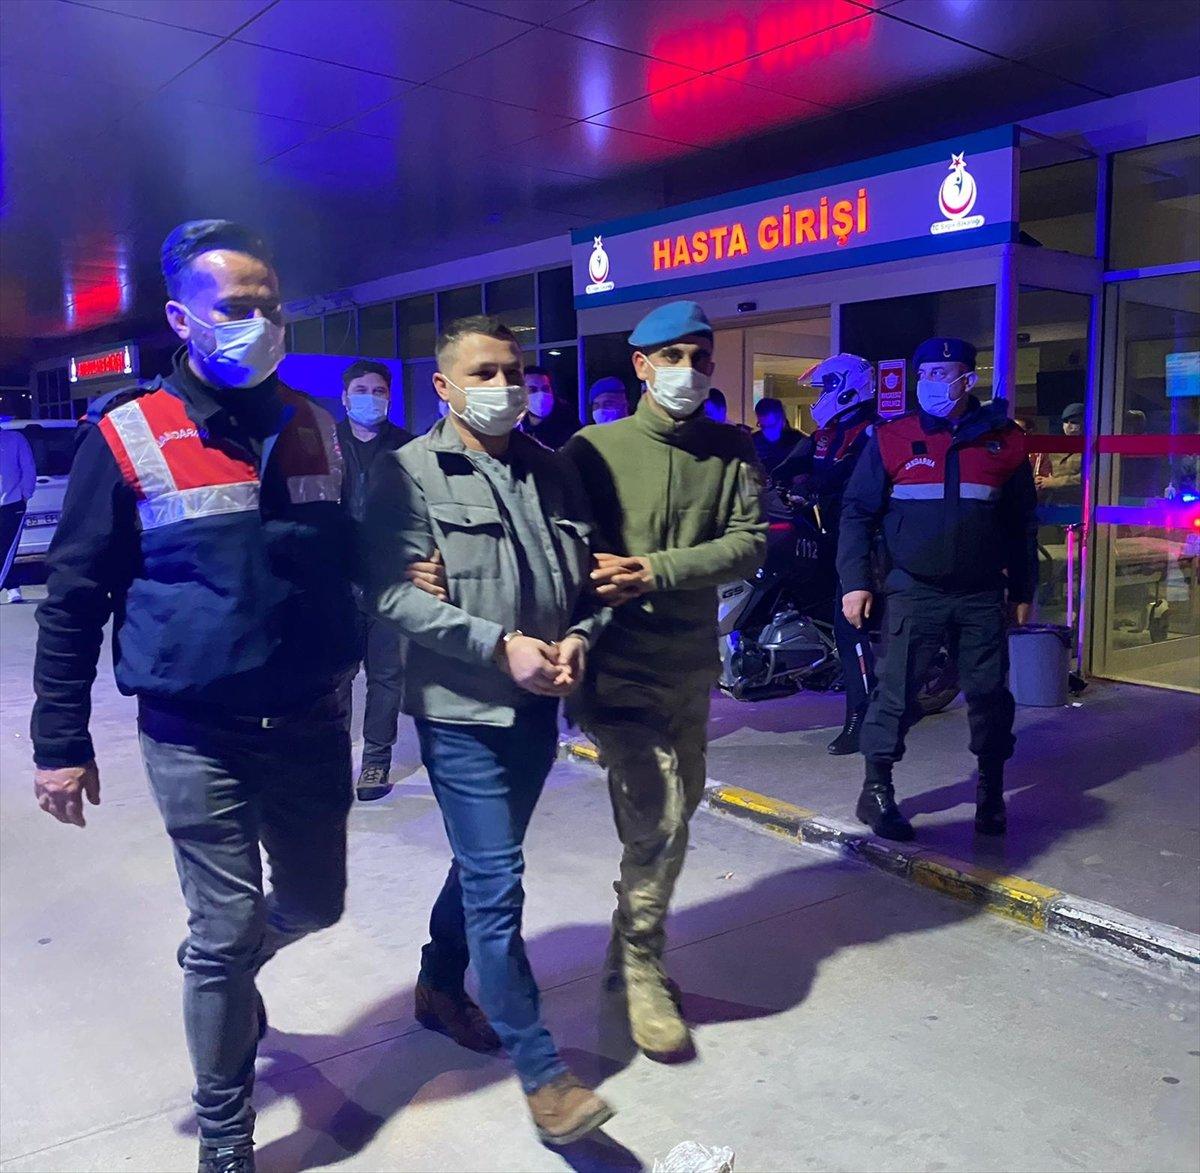 FETÖ nün TSK yapılanmasına operasyon: 41 kişi tutuklandı #5